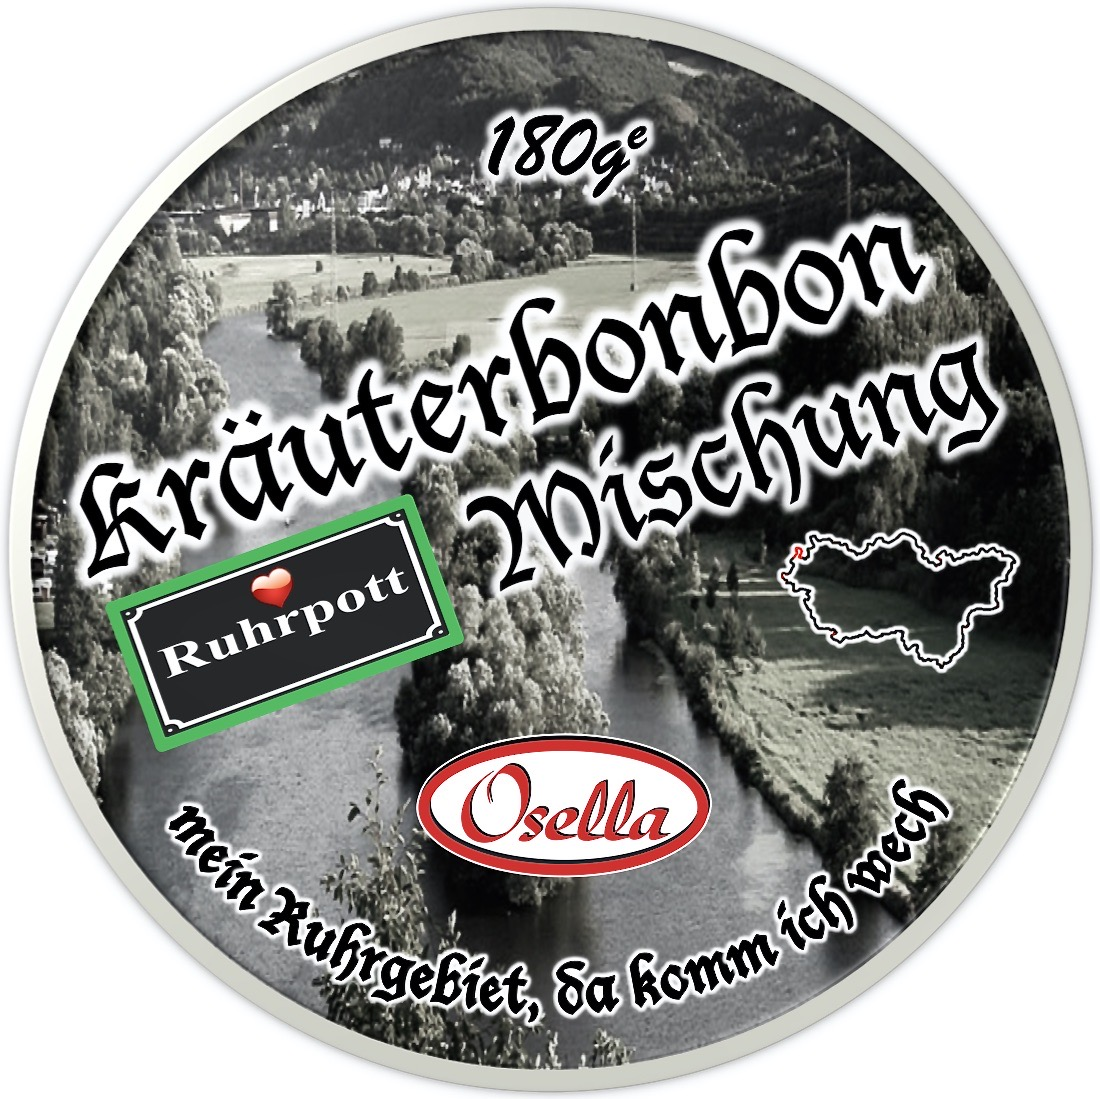 Osella Bonbons Etiketten - Kräutermischung